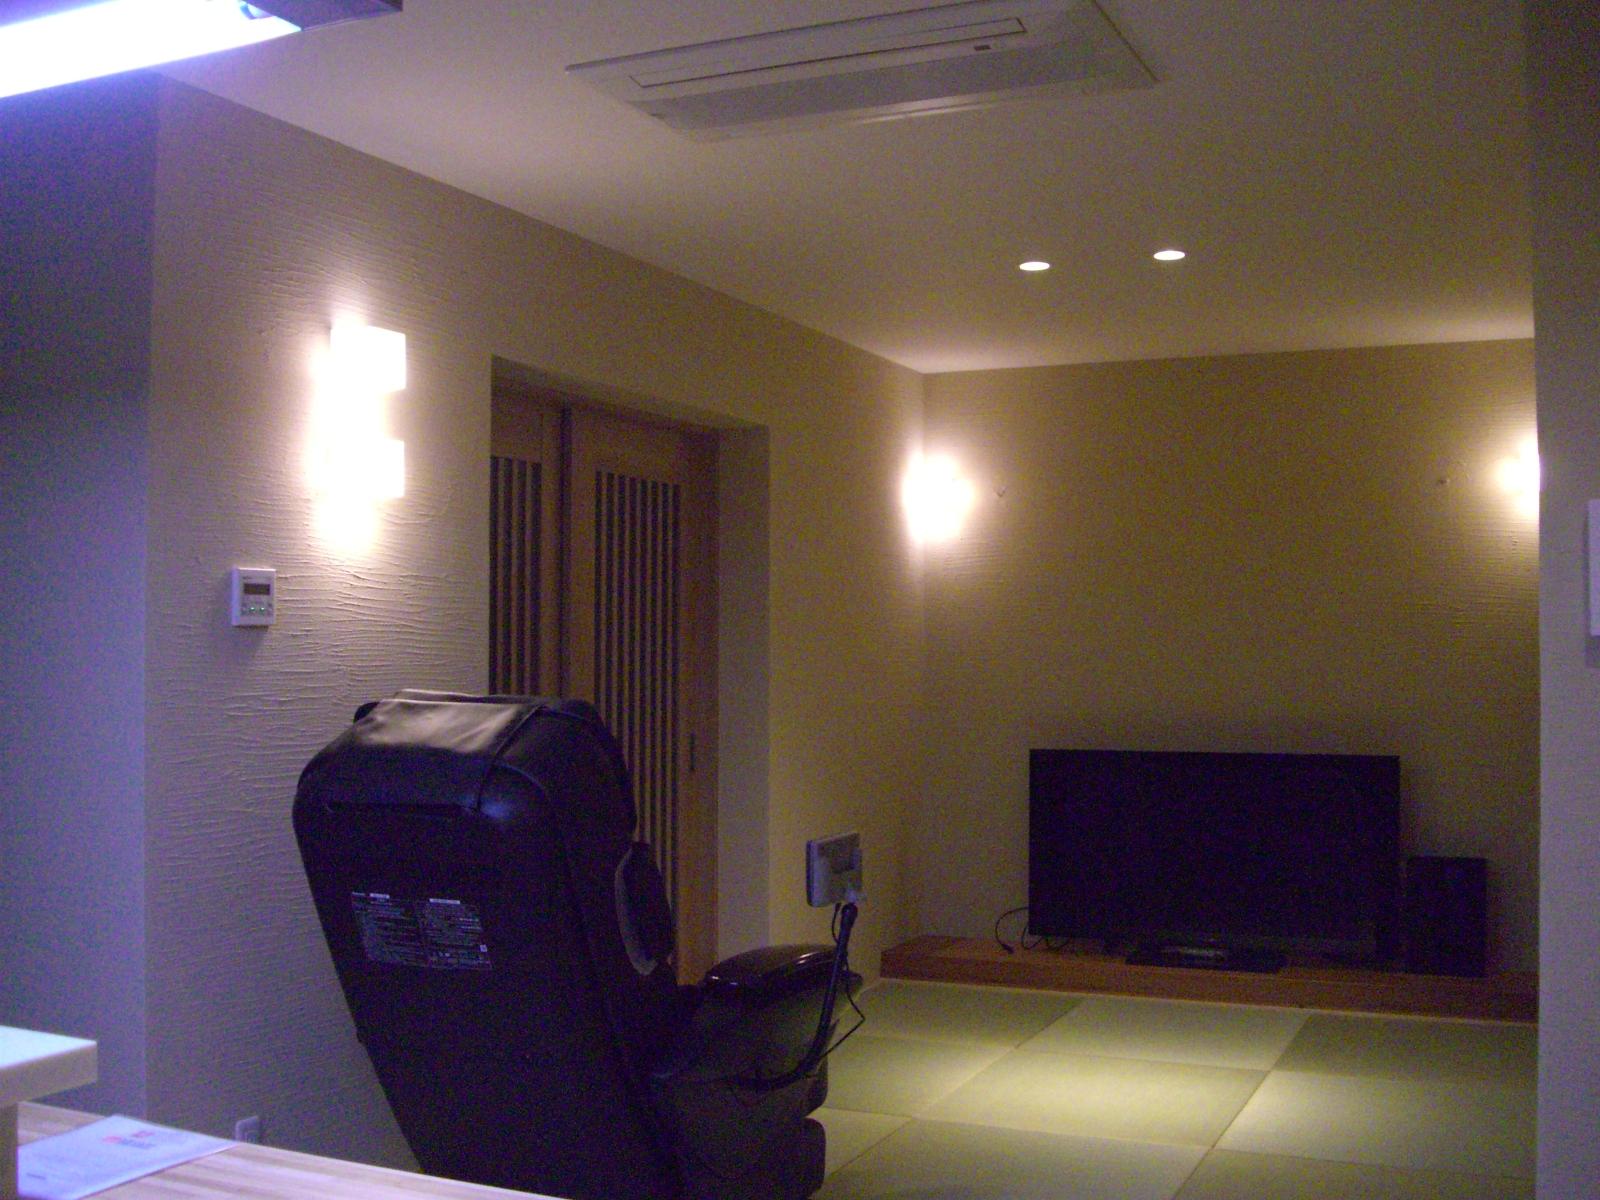 控えめな照明が左官壁の表情を豊かに彩り、上質で落ち着きある空間を演出します。